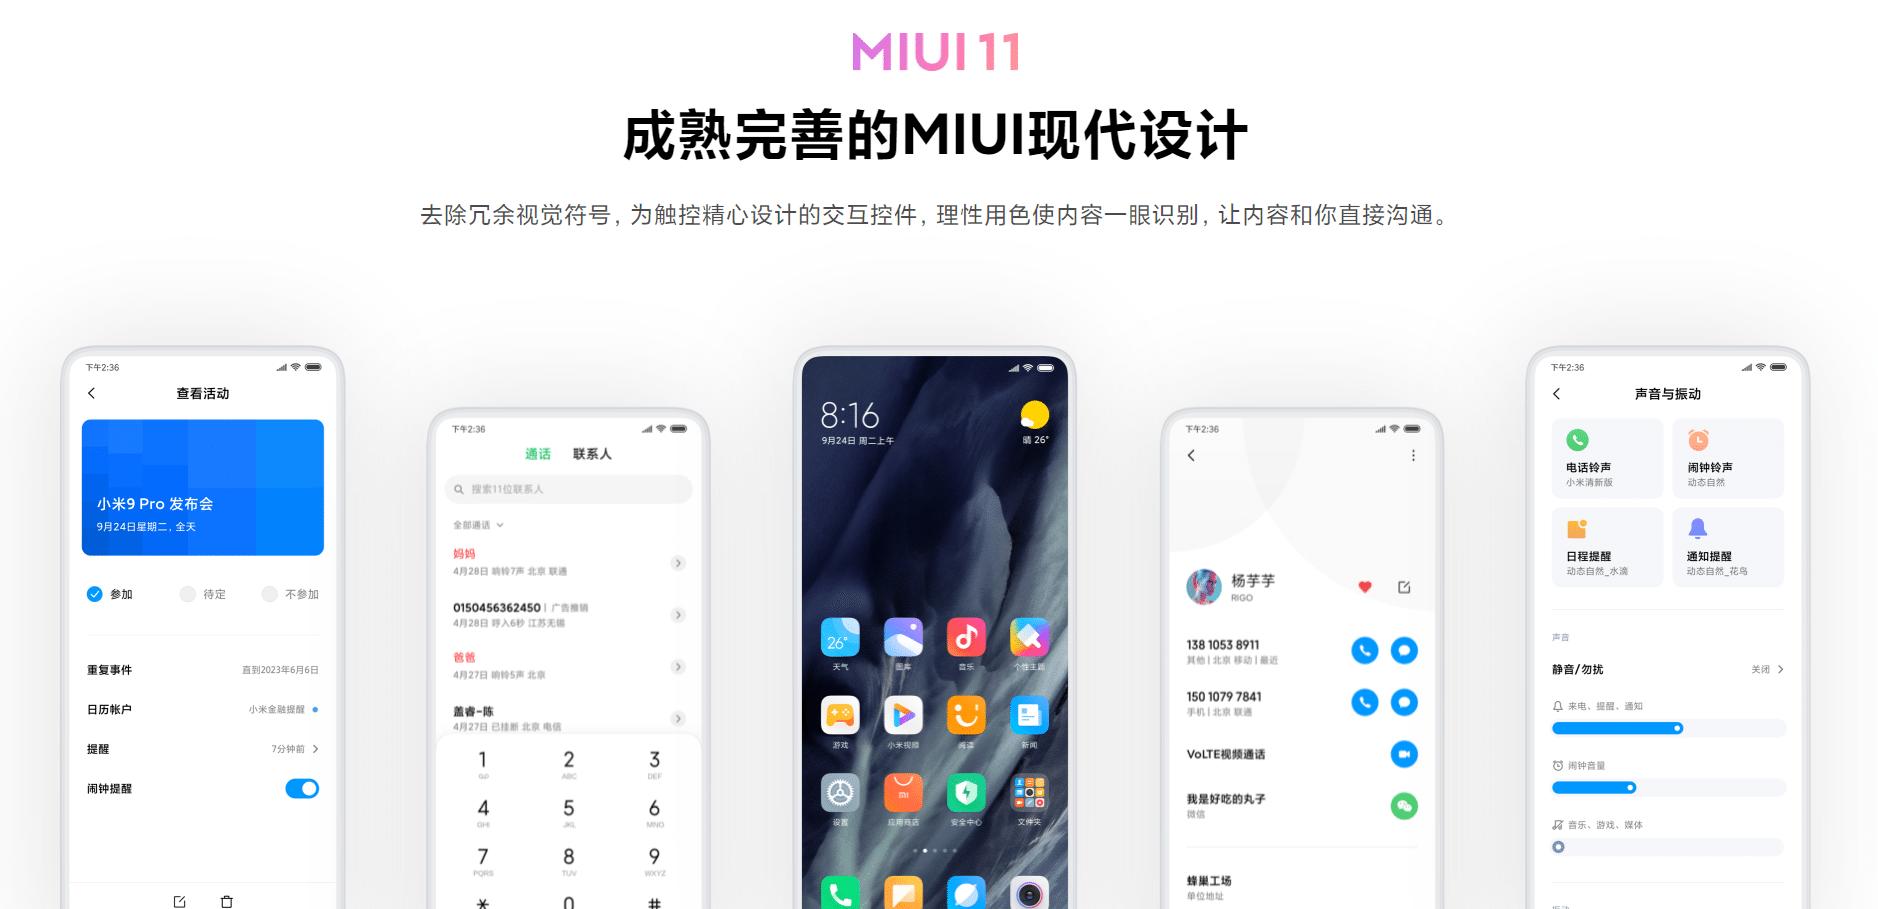 Xiaomi recibirán la actualización de MIUI 11